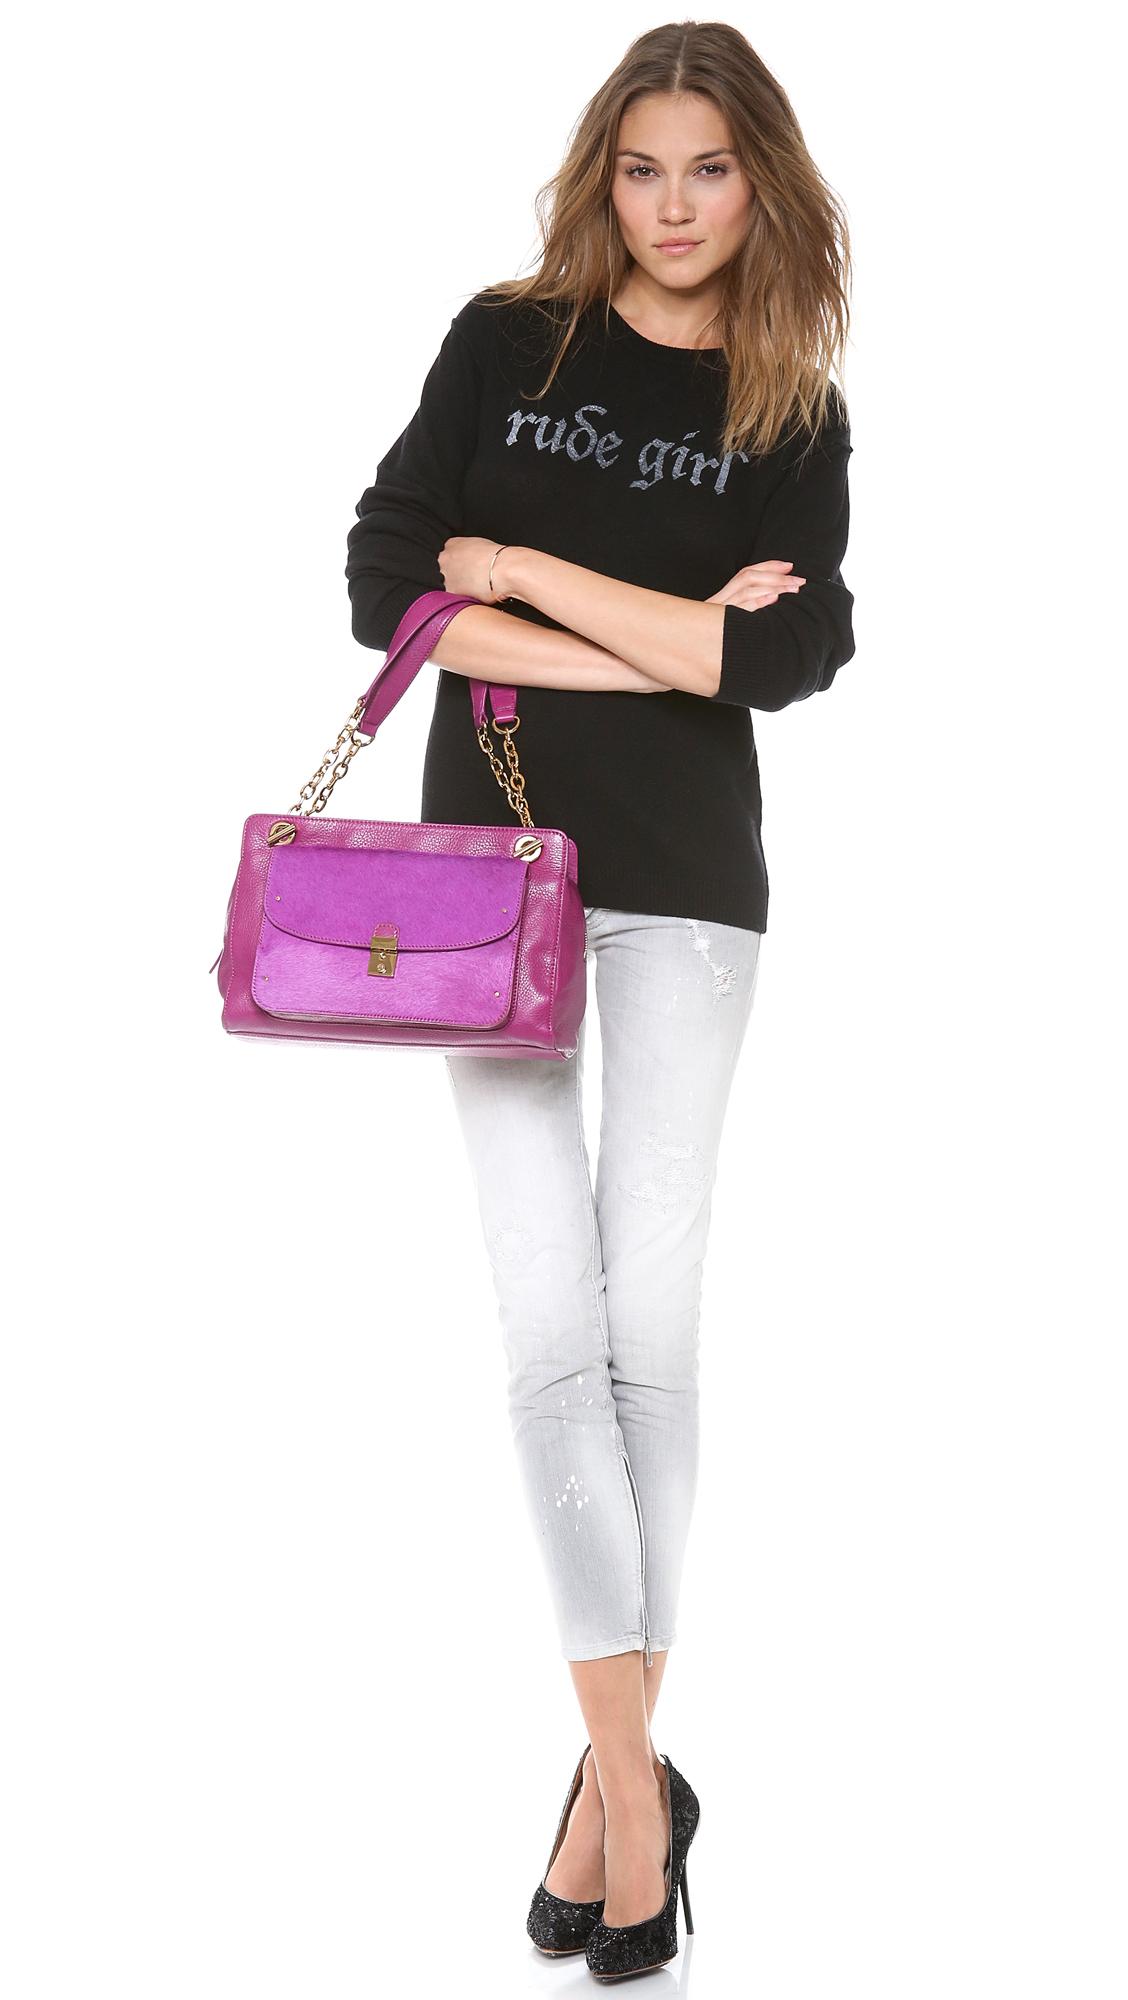 Priscilla Shoulder Bag Tory Burch 49